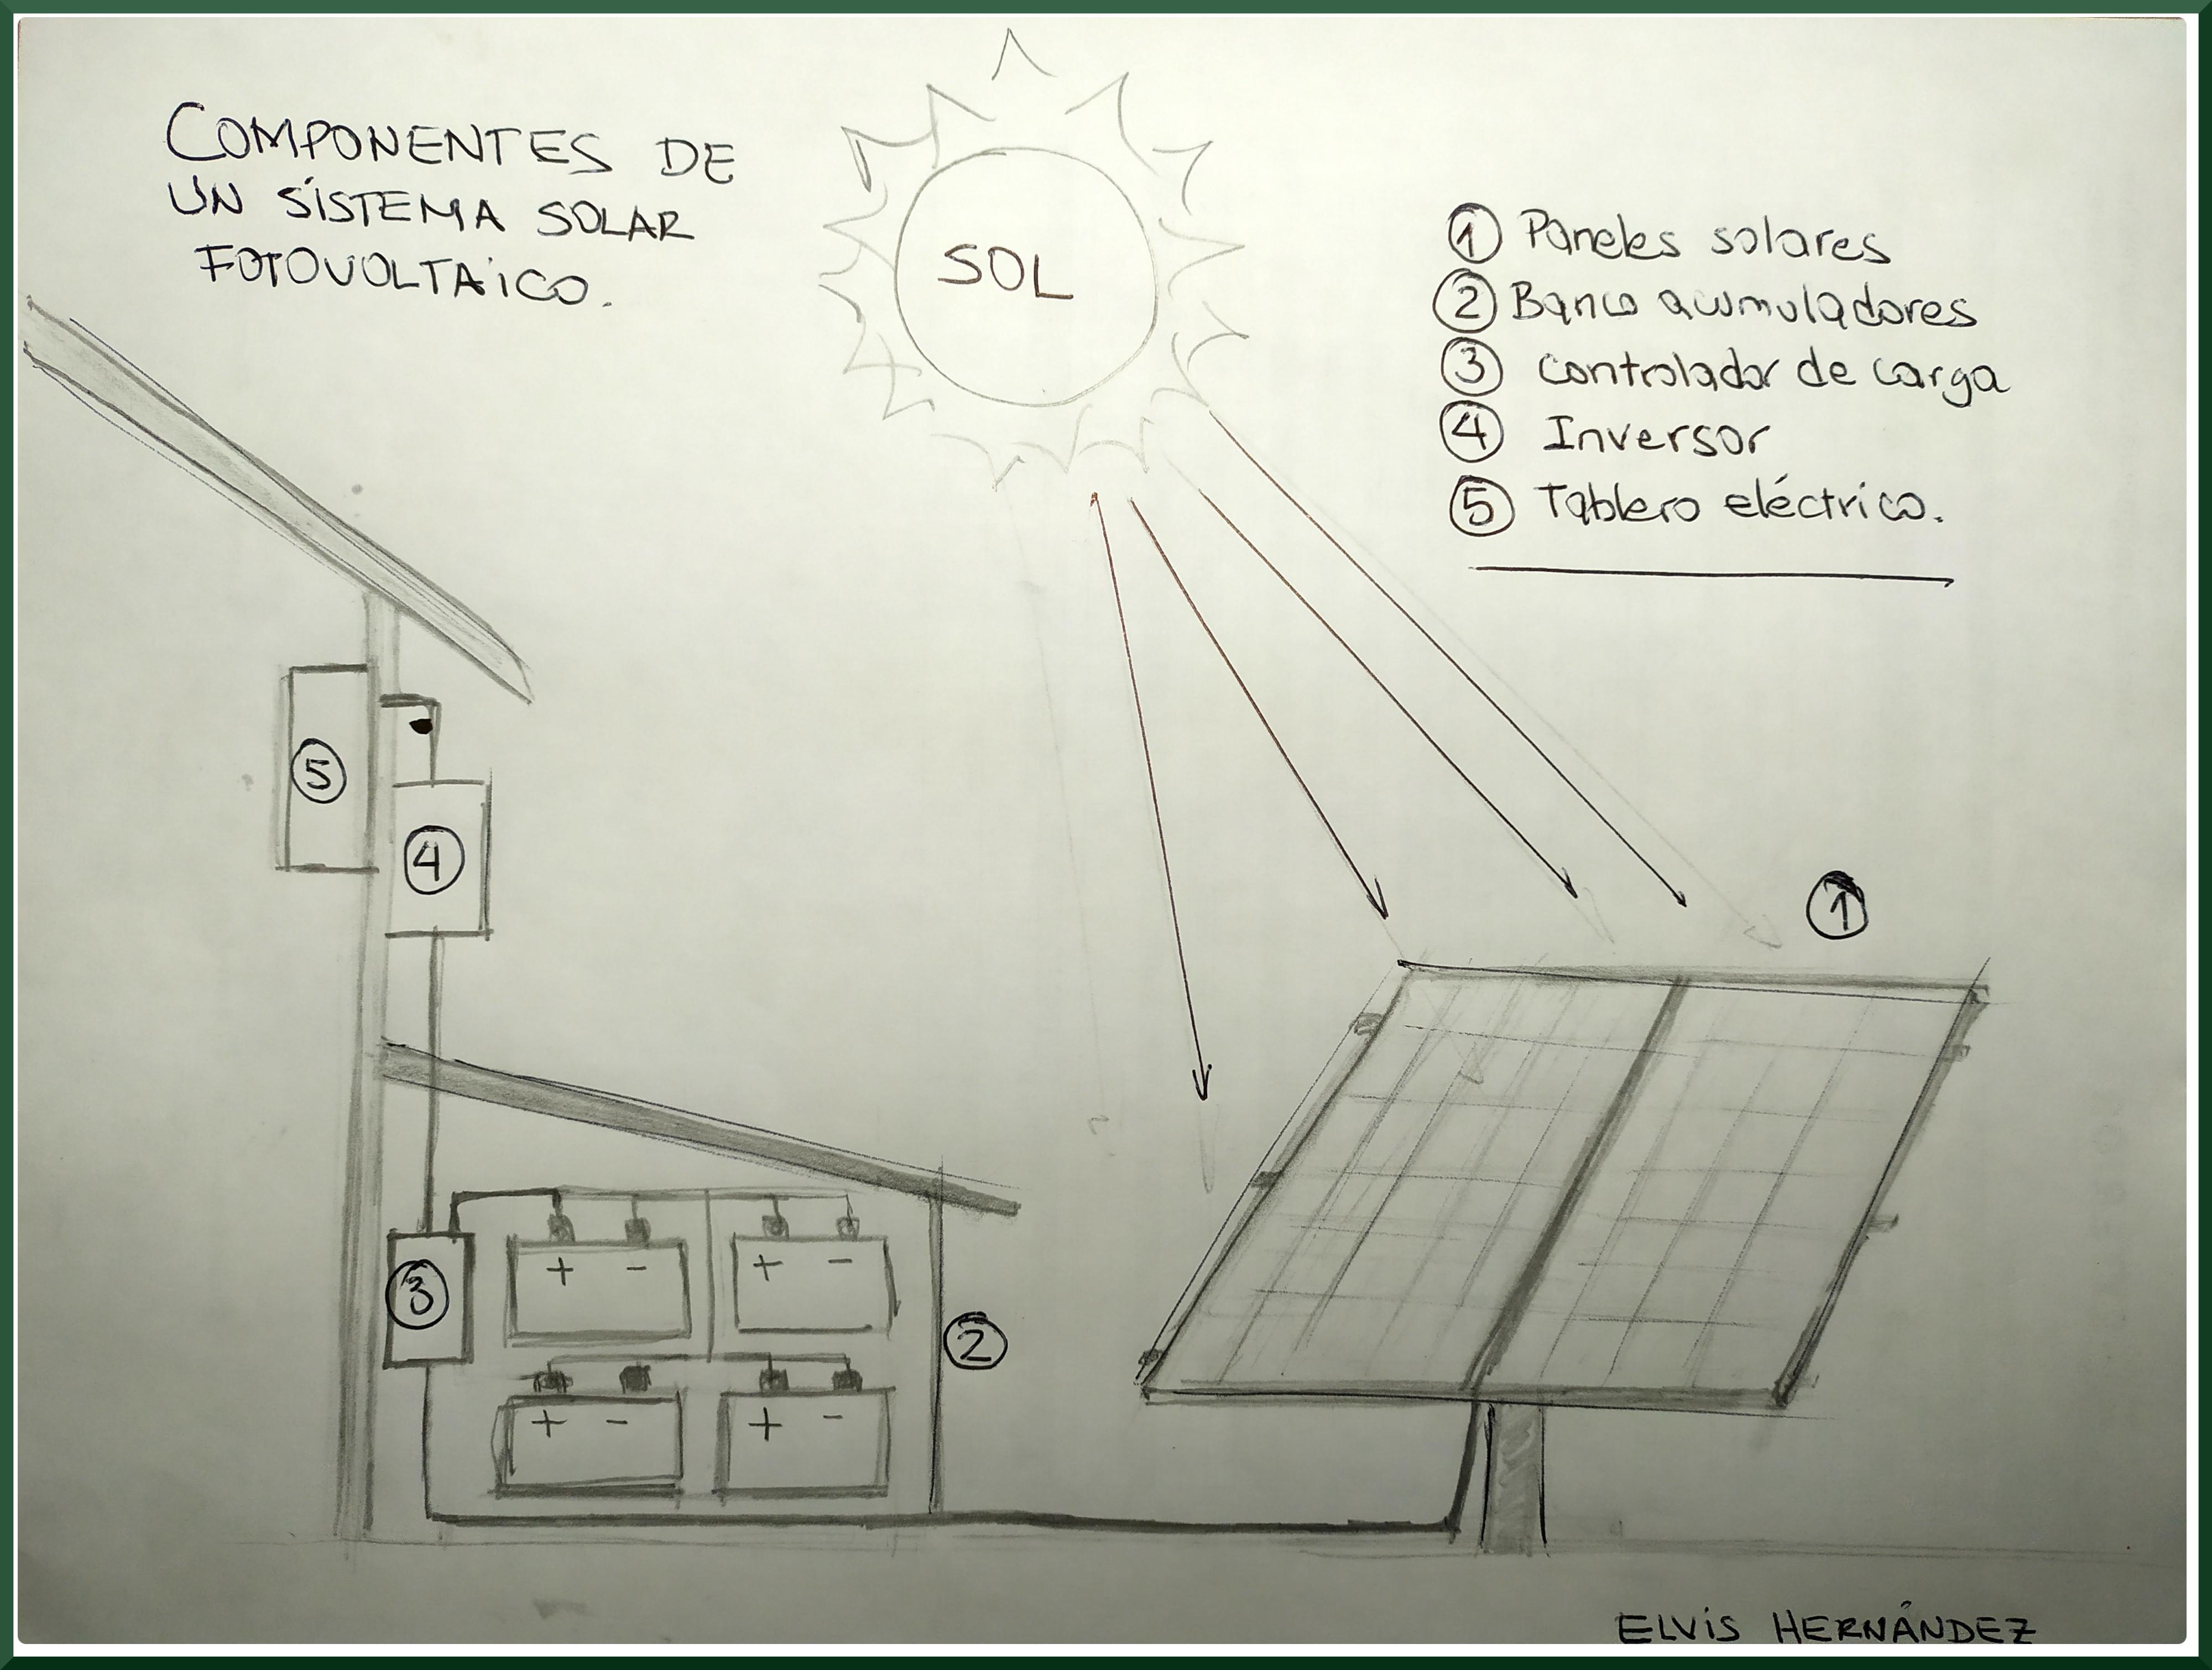 Esquema de un sistema solar fotovoltaico